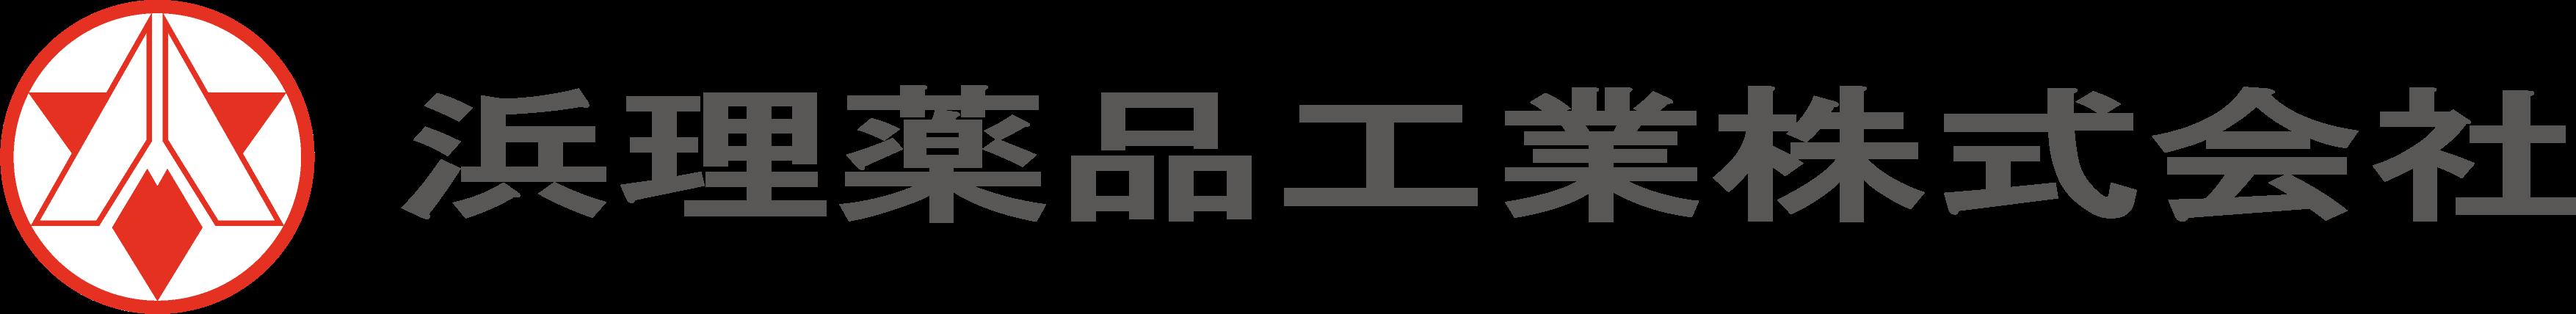 浜理薬品工業株式会社